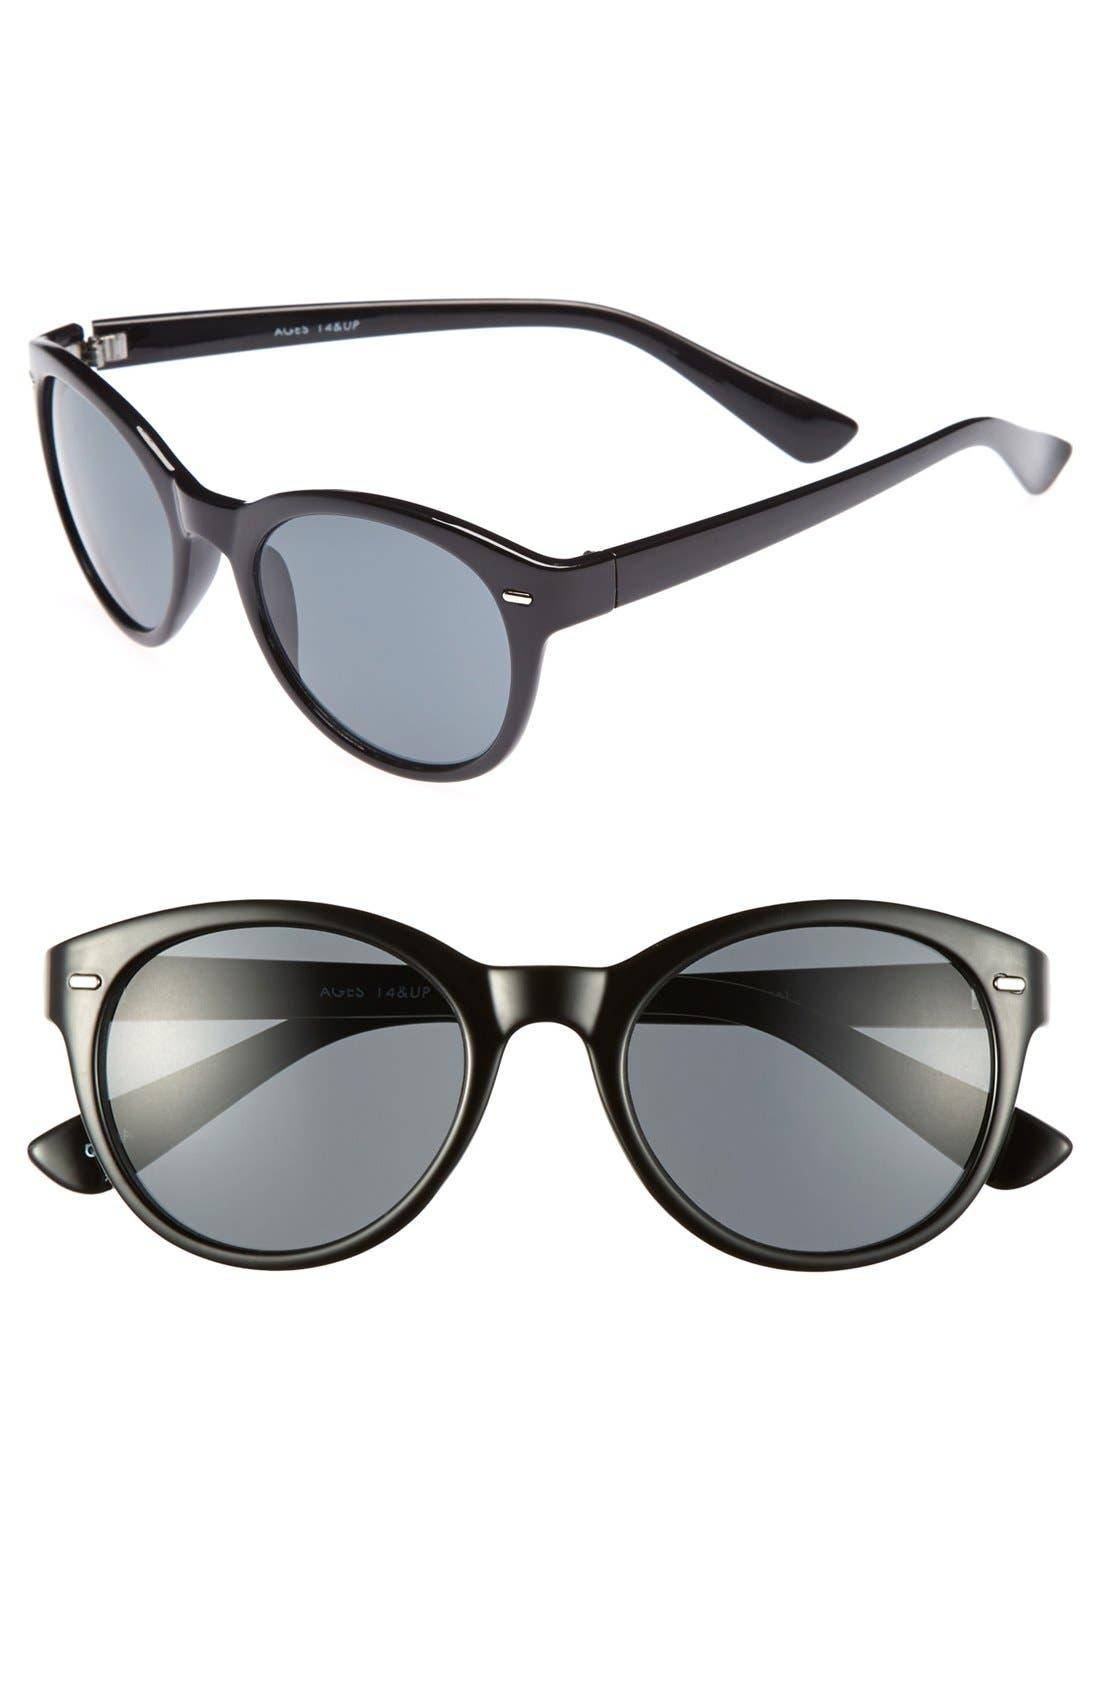 Alternate Image 1 Selected - Fantas Eyes Sunglasses (Juniors)